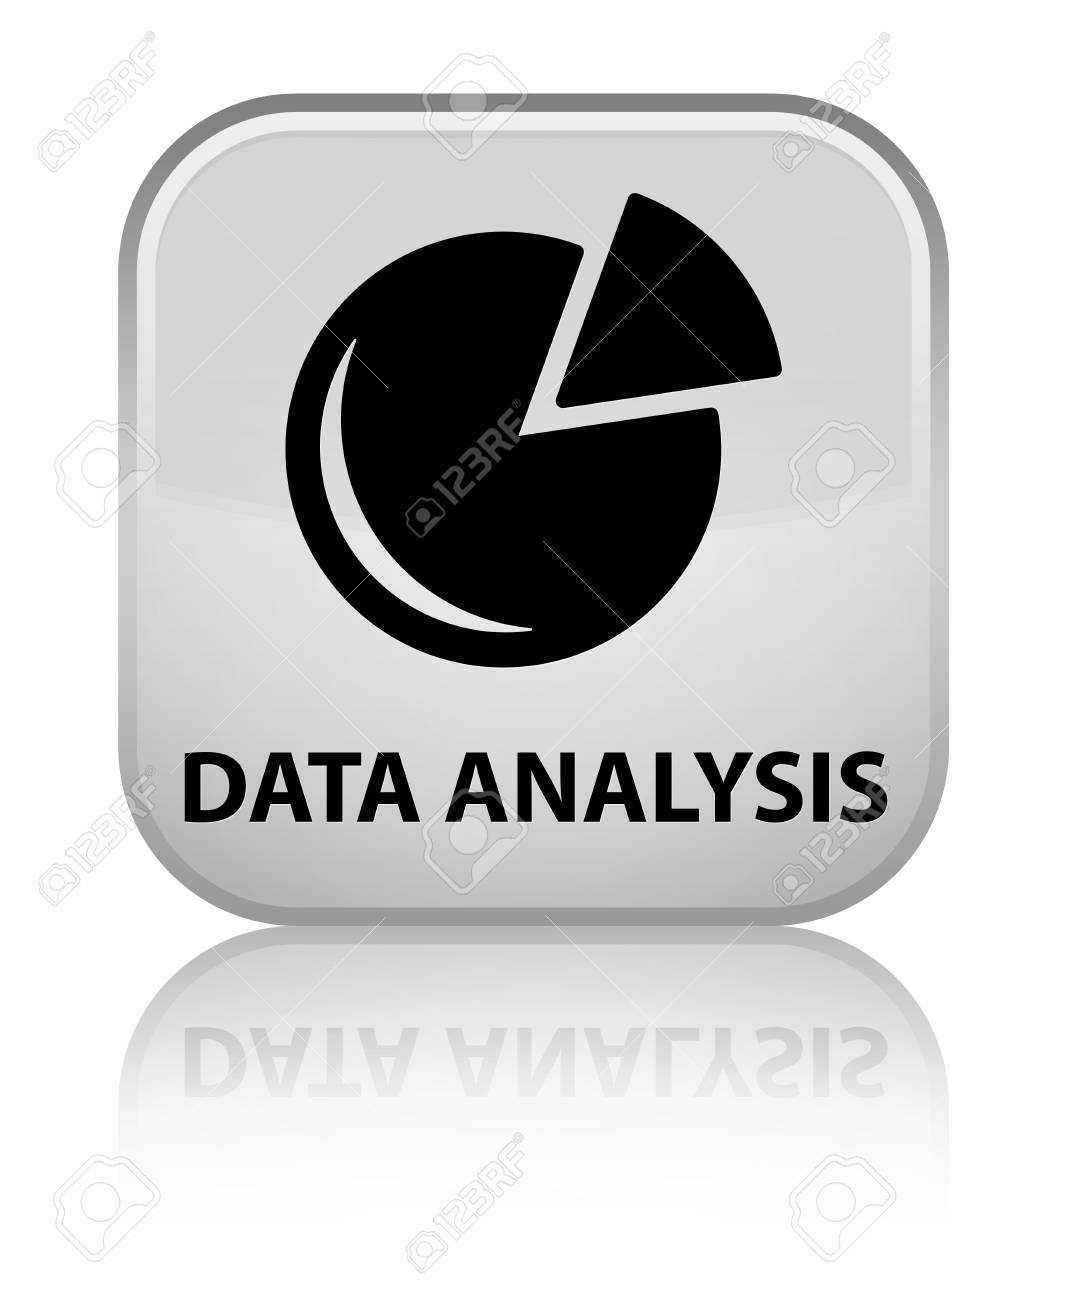 L Analyse Des Donn Es Graphique Ic Ne Du Bouton Carr Blanc Banque